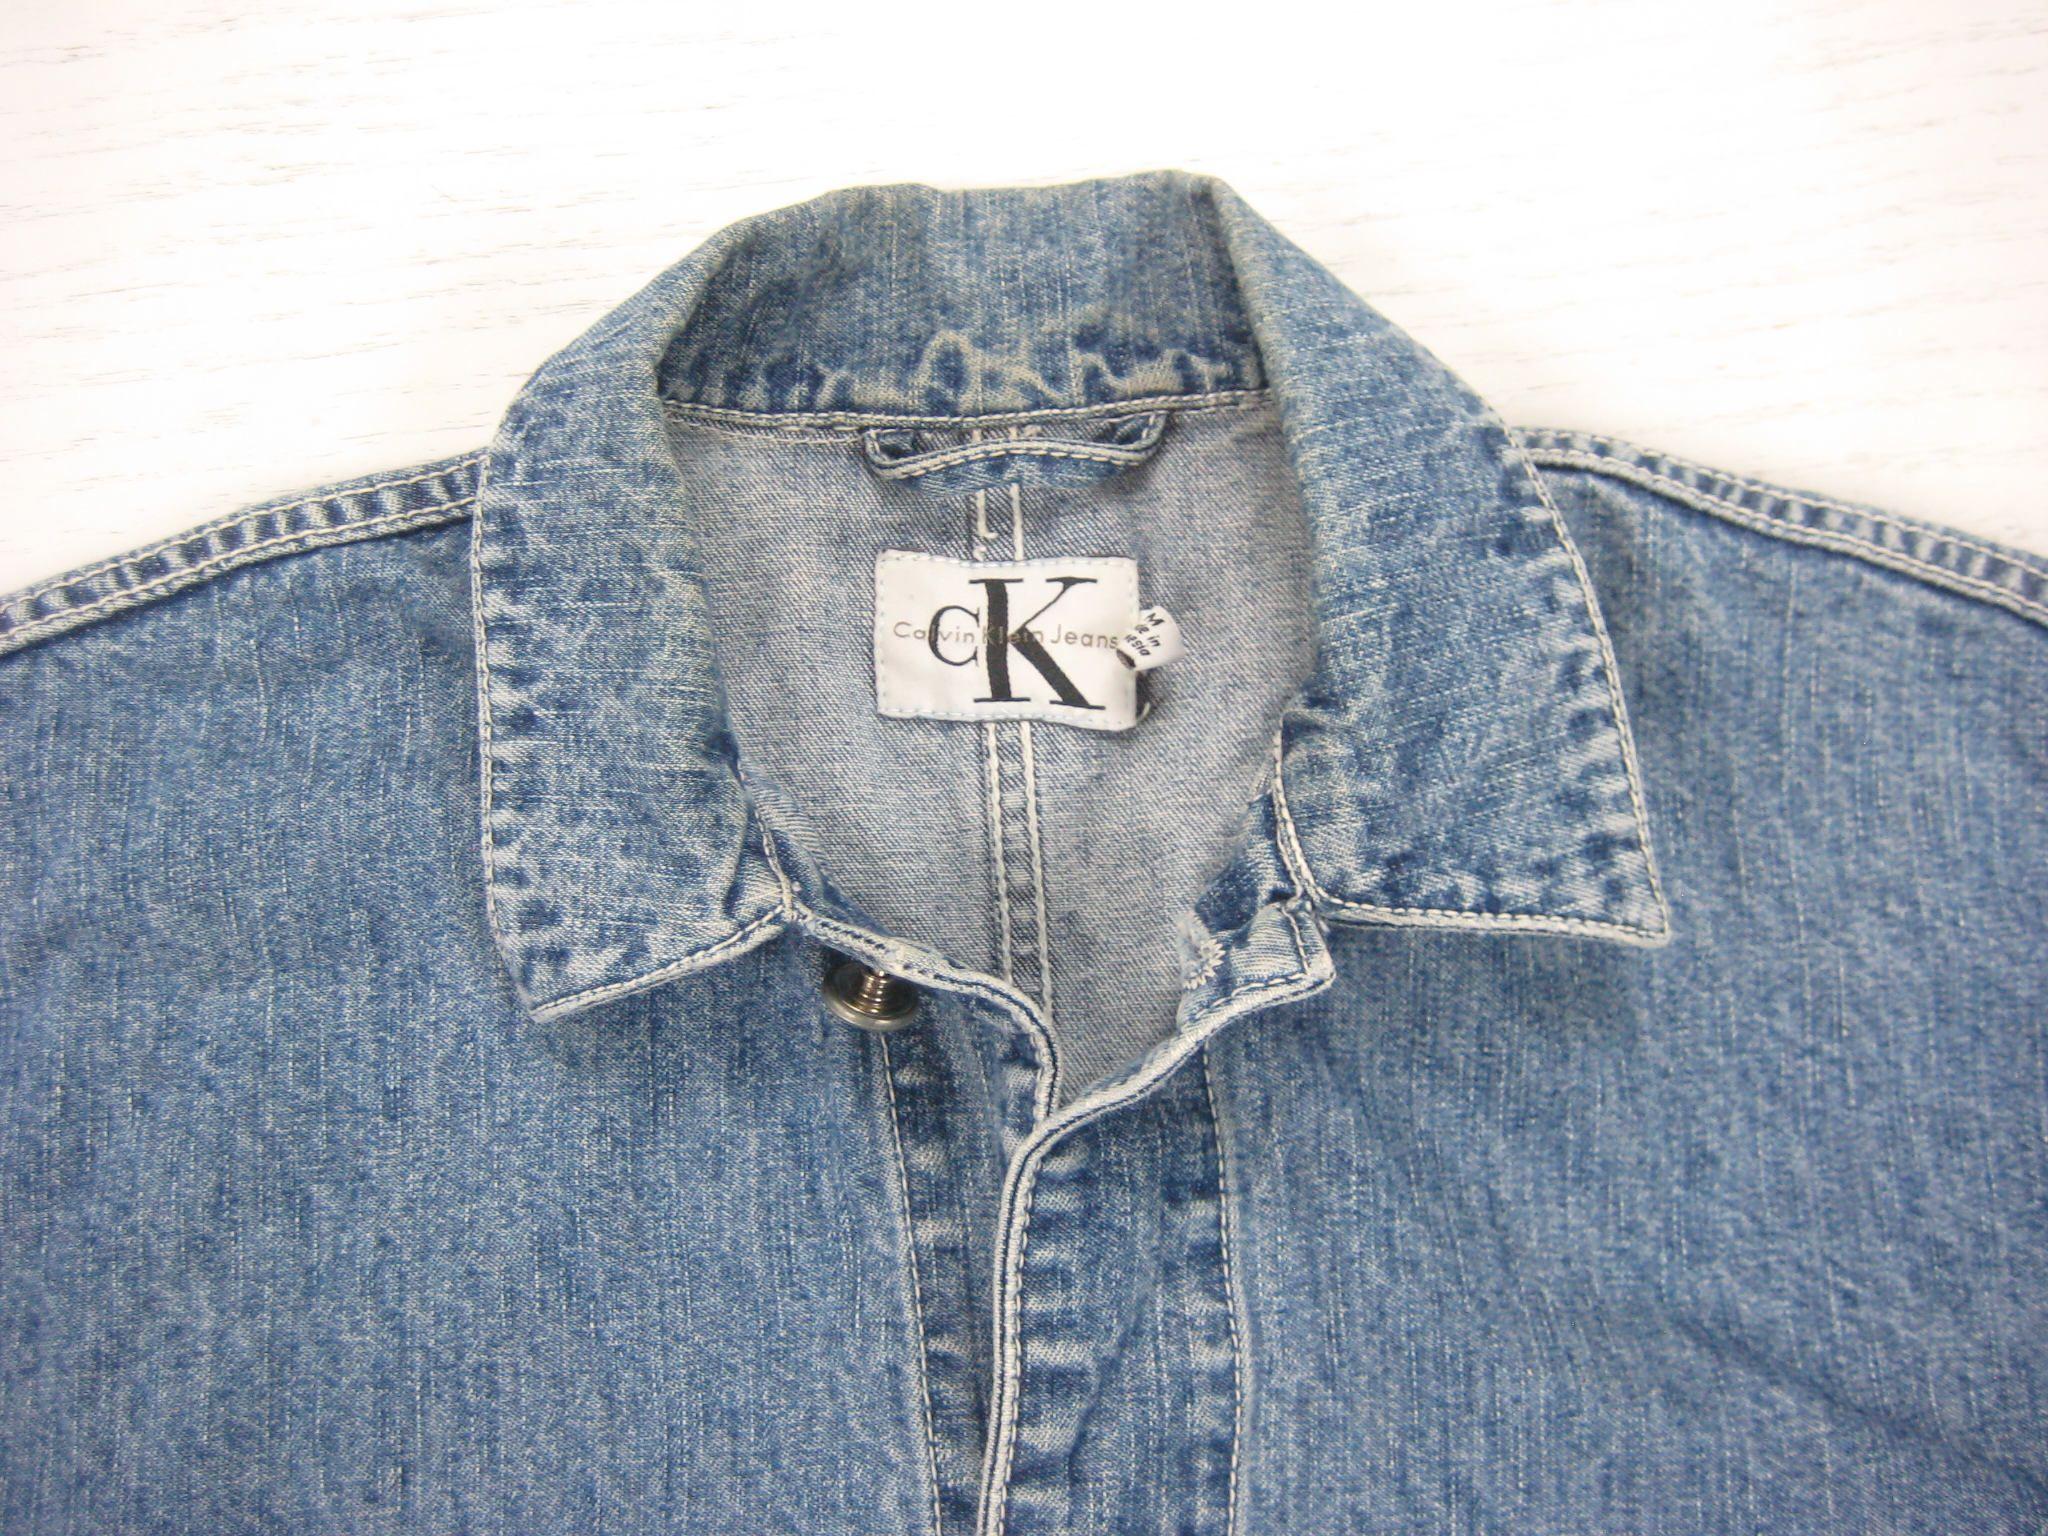 1990s Calvin Klein Denim Chore Coat Vintage Retro 90s Ck Jeans Ck Jeans Denim Chore Coat